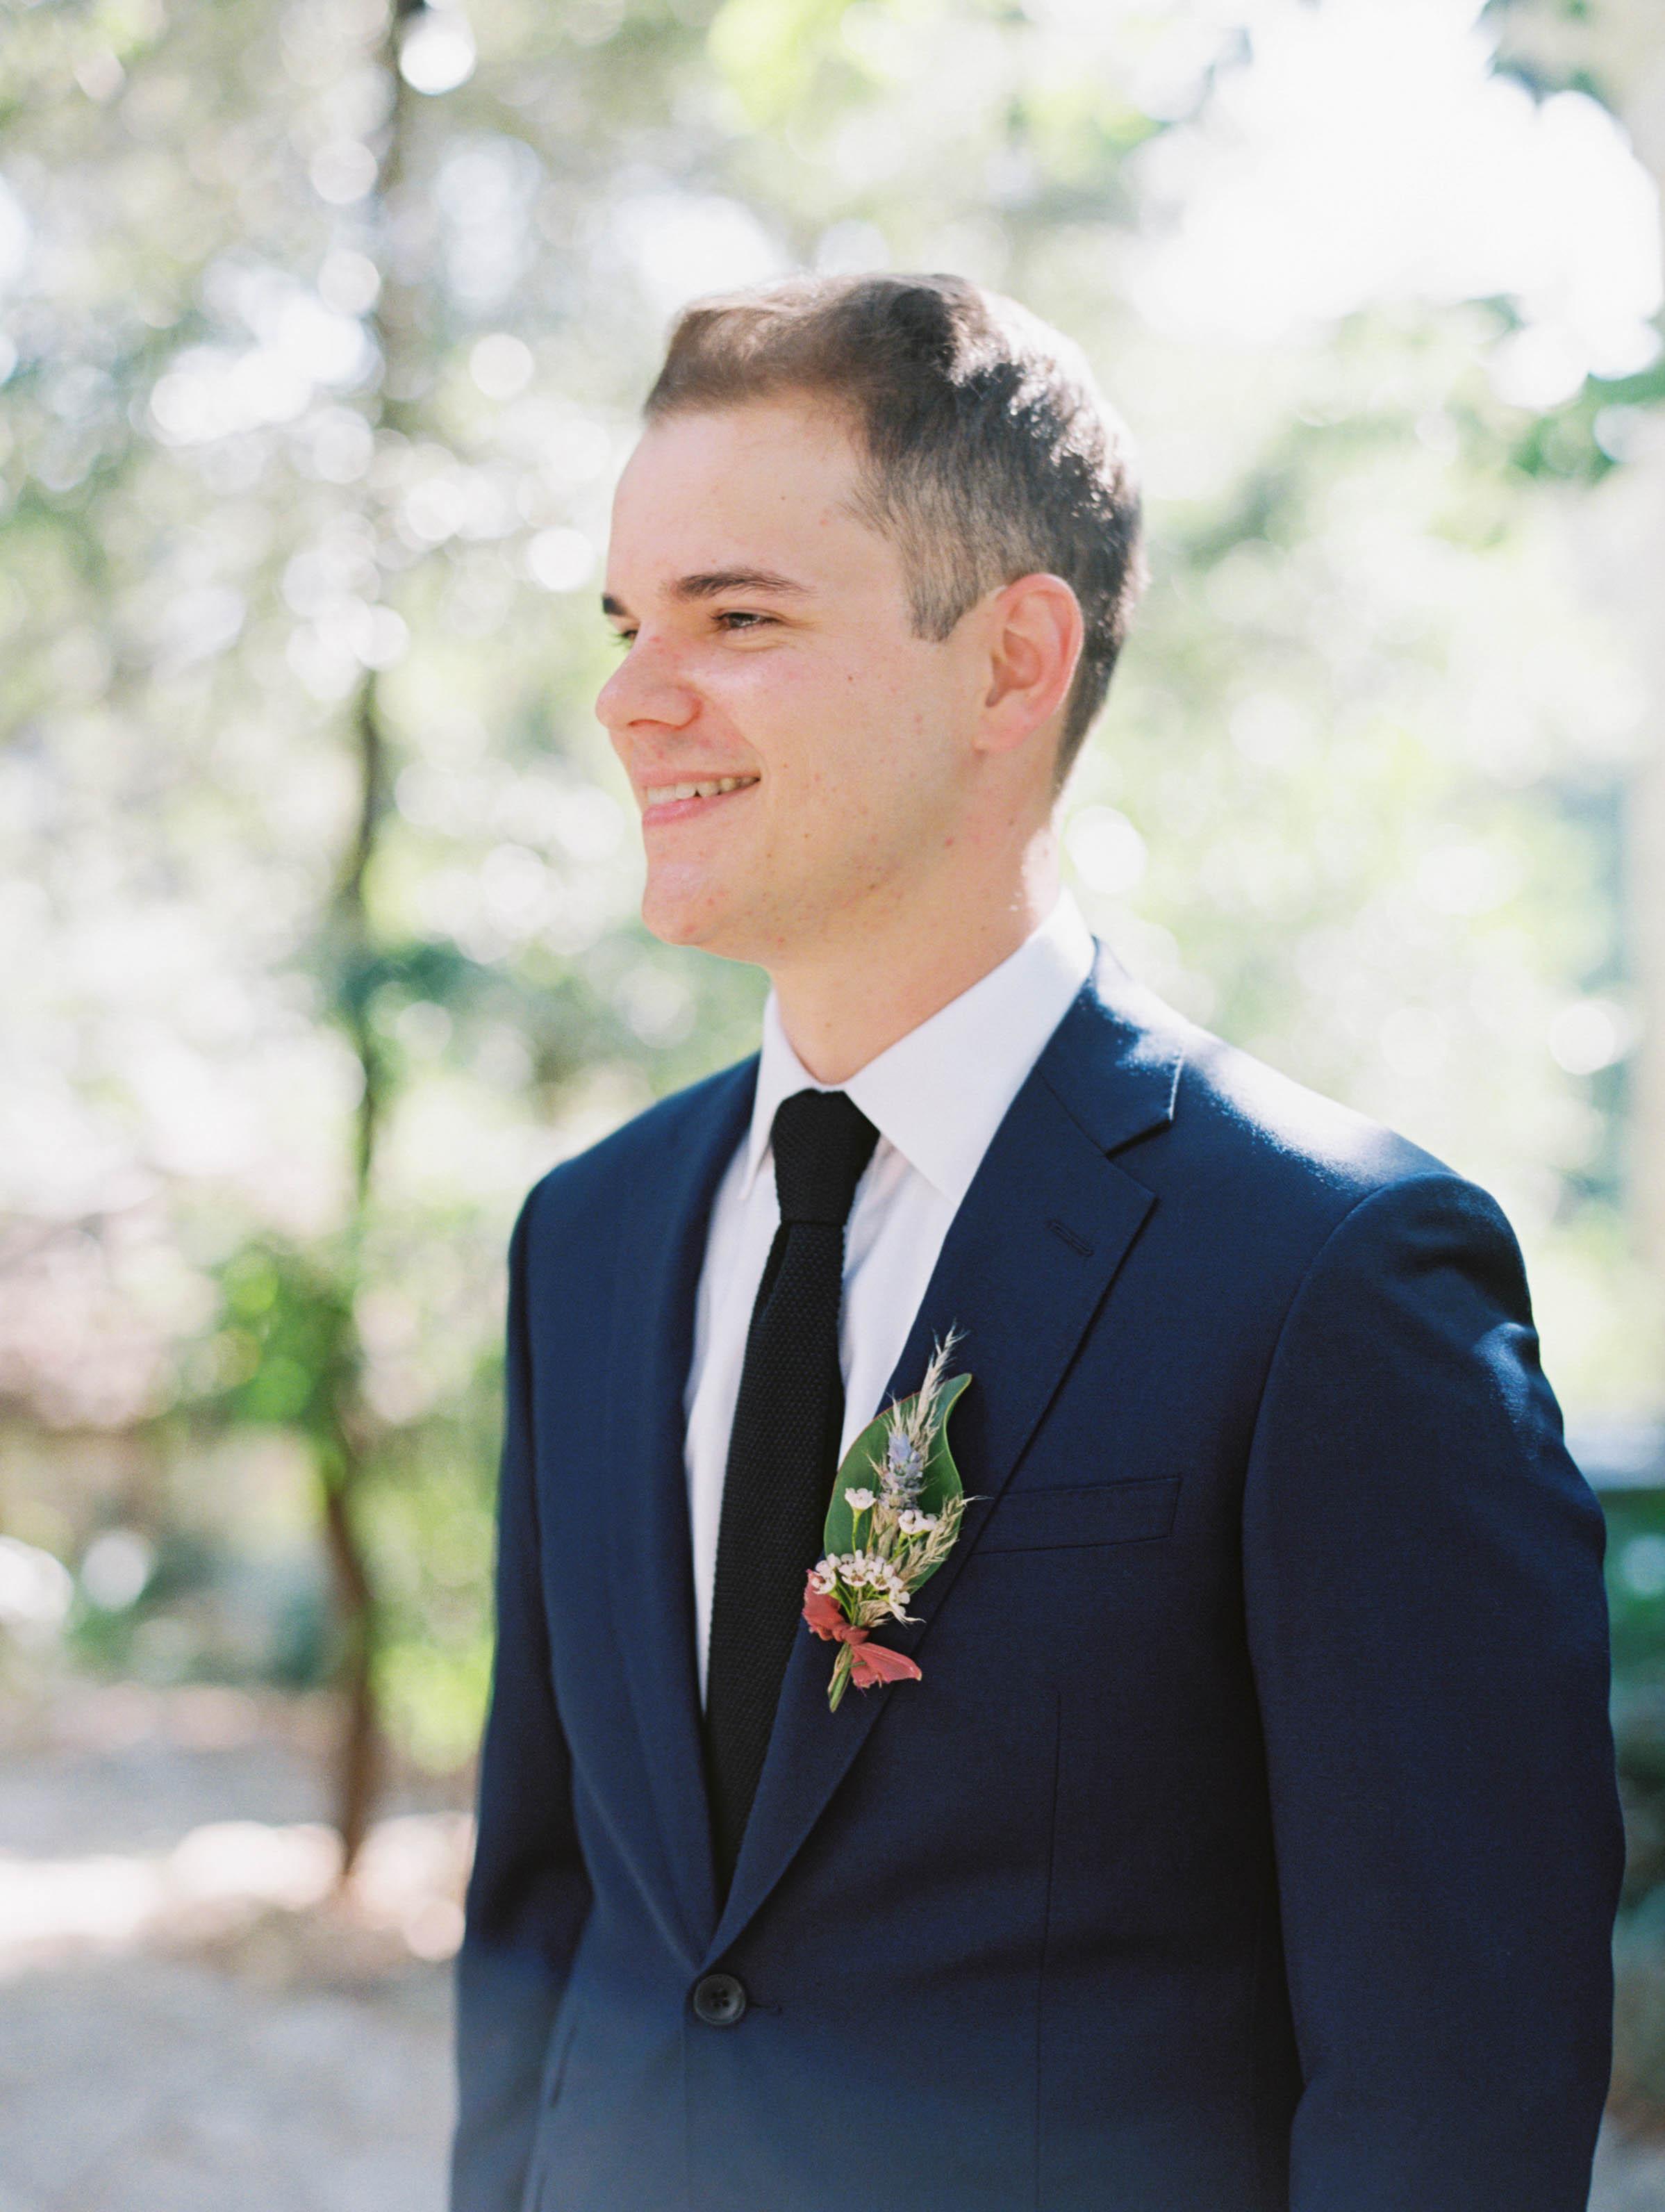 Alex-Kyrany-Wedding-Jennifers-Gardens-113.jpg